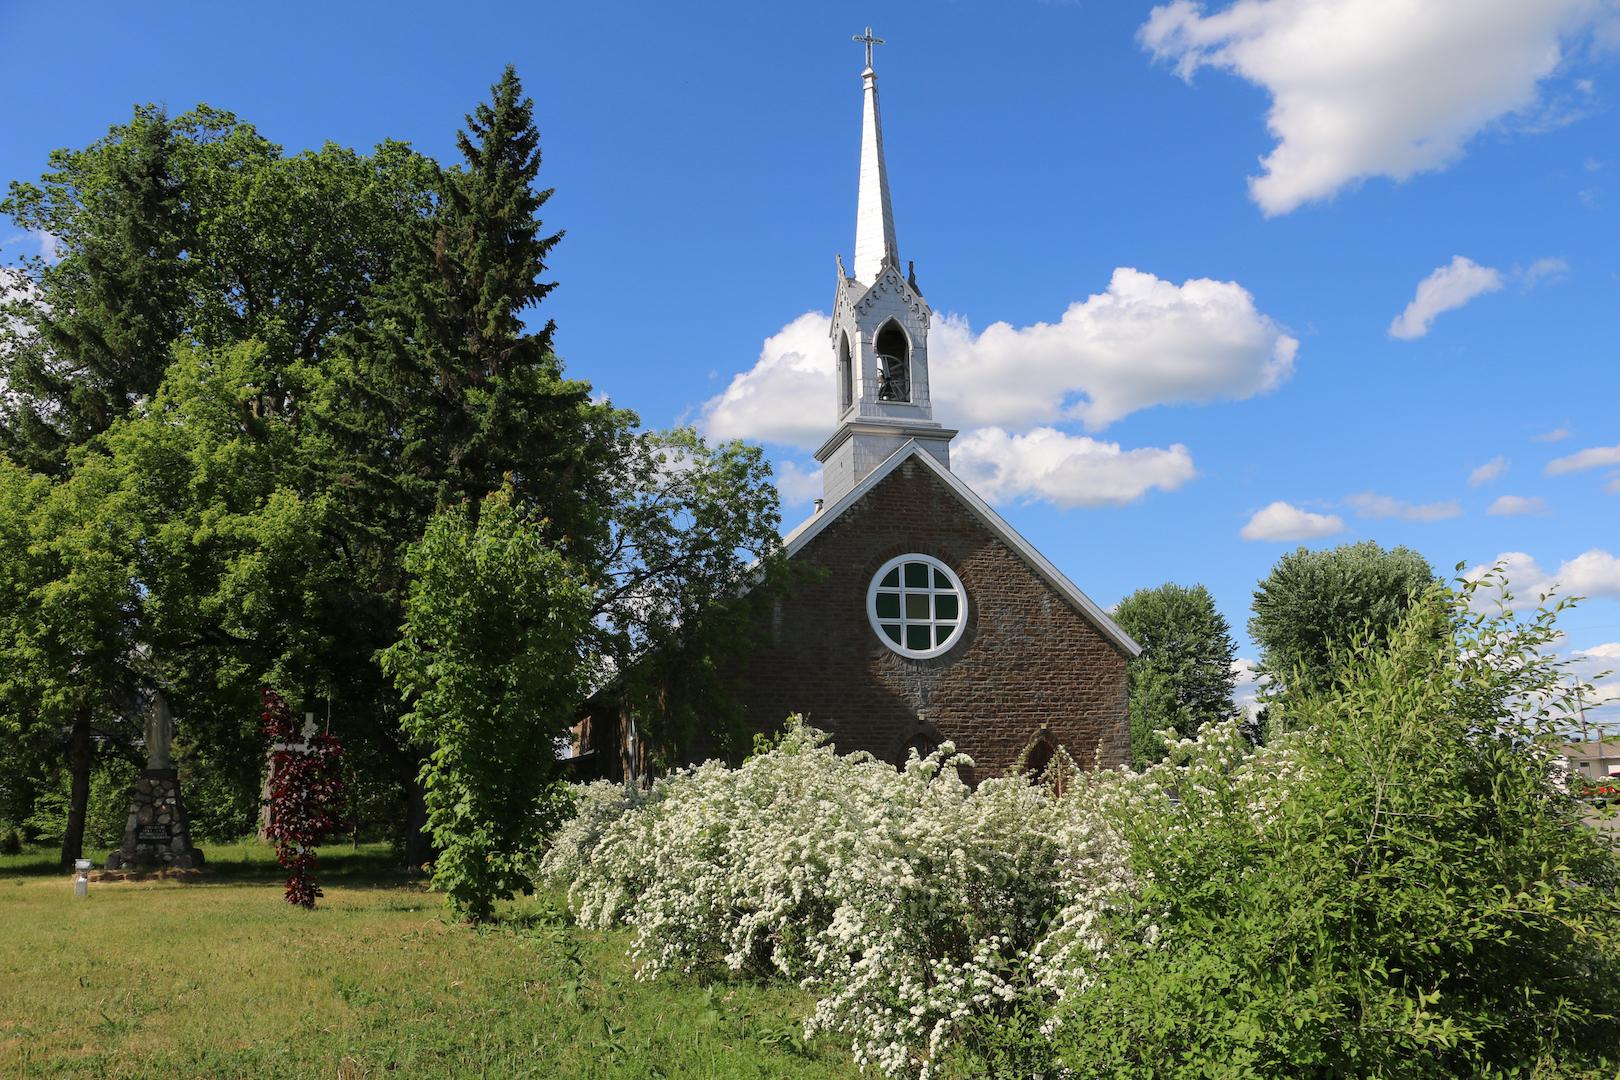 Église de L'Ange-Gardien. Photo : Michel Riberdy